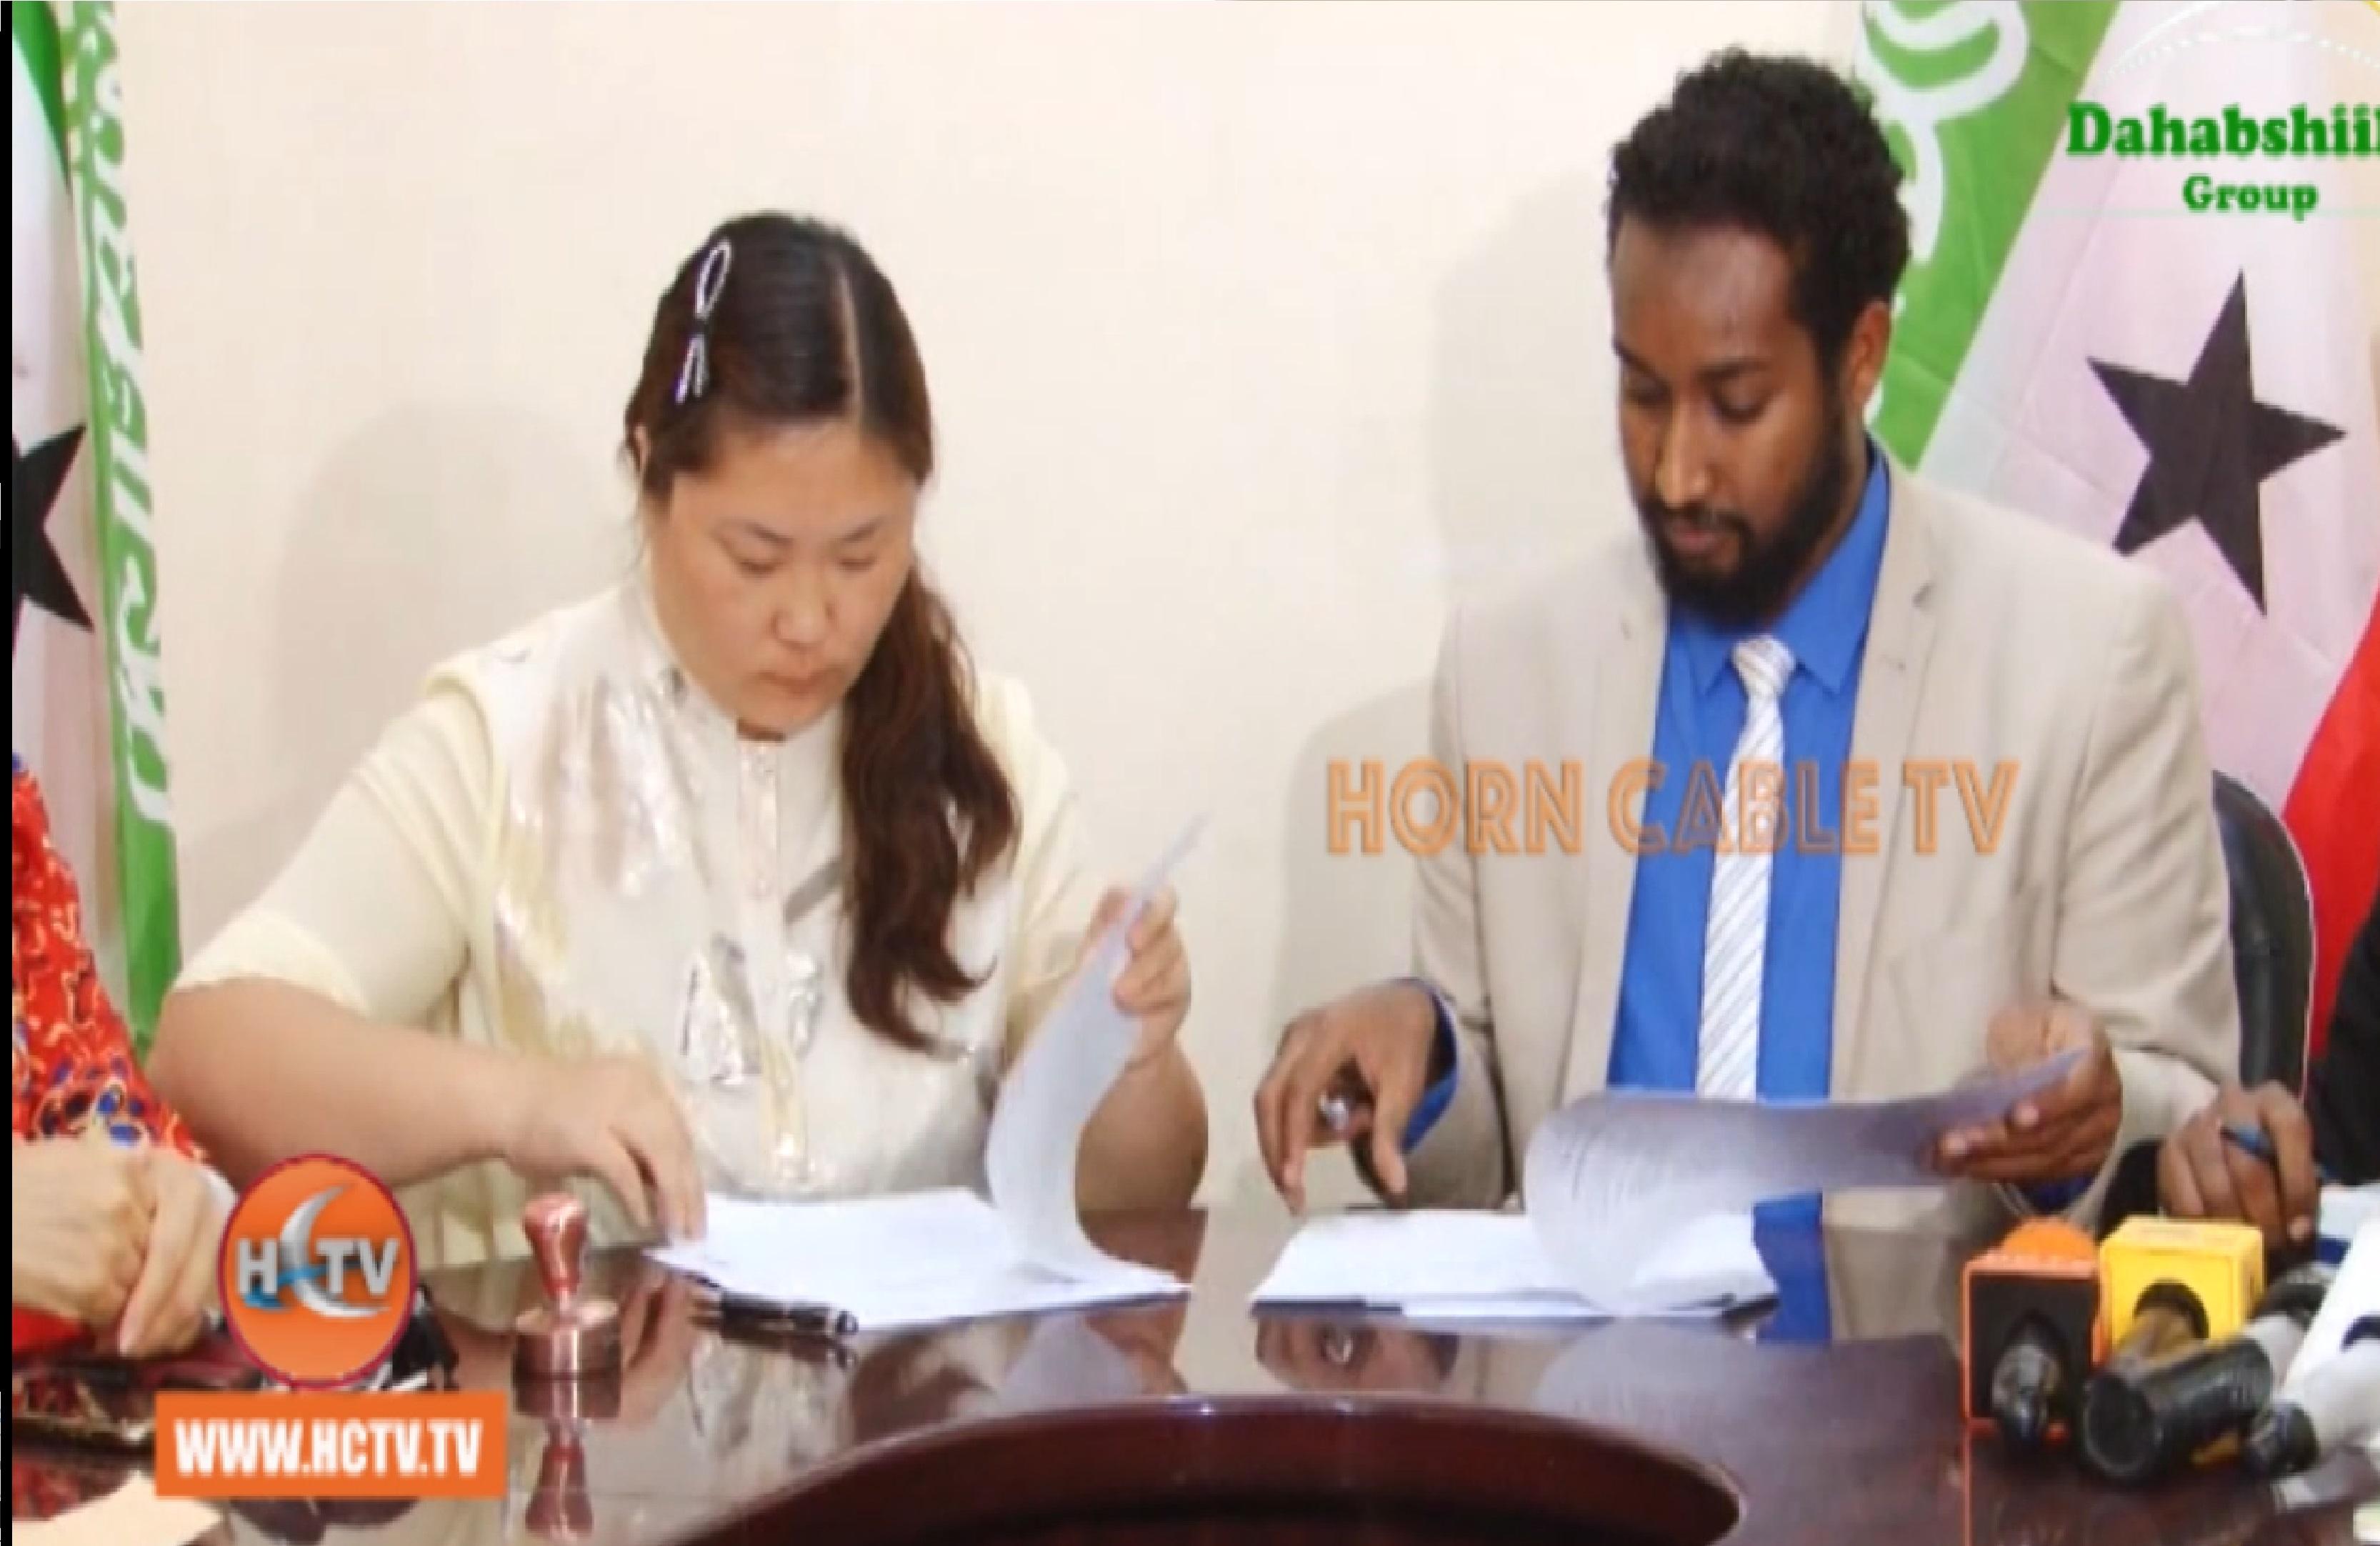 Wasaarada Maalgashiga & Bank China Ah Oo Heshiis Kala Saxeexday